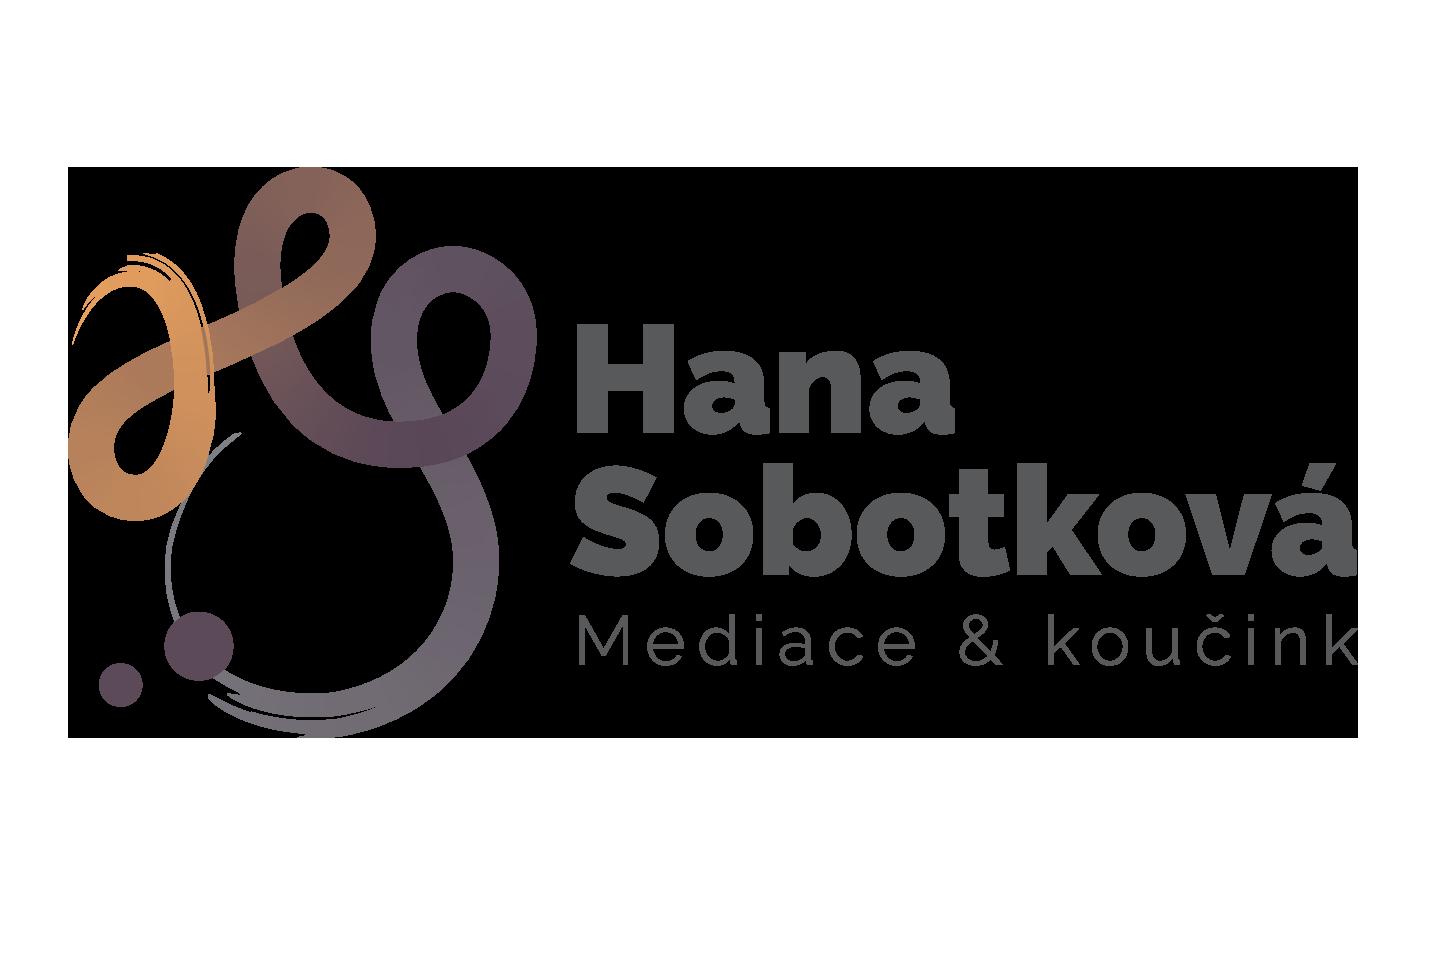 Hana Sobotková – Mediace & koučink